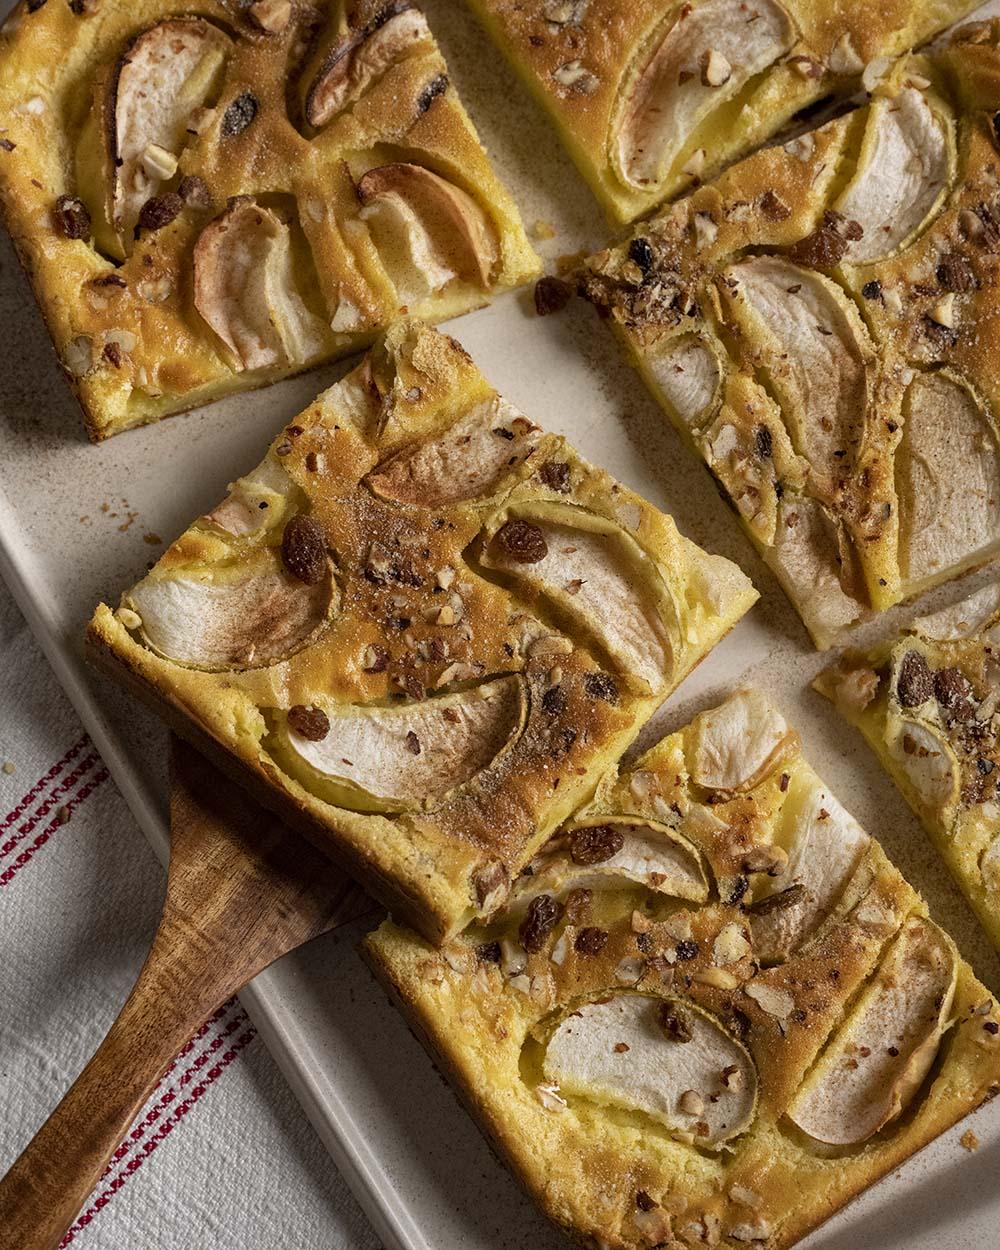 Wir haben ein Stück Apfelpfannkuchen auf einen Heber gelegt und heben das Stück gleich von der Servierplatte, auf der mehrre tücke des angeschnittenen Eierkuchens liegen.